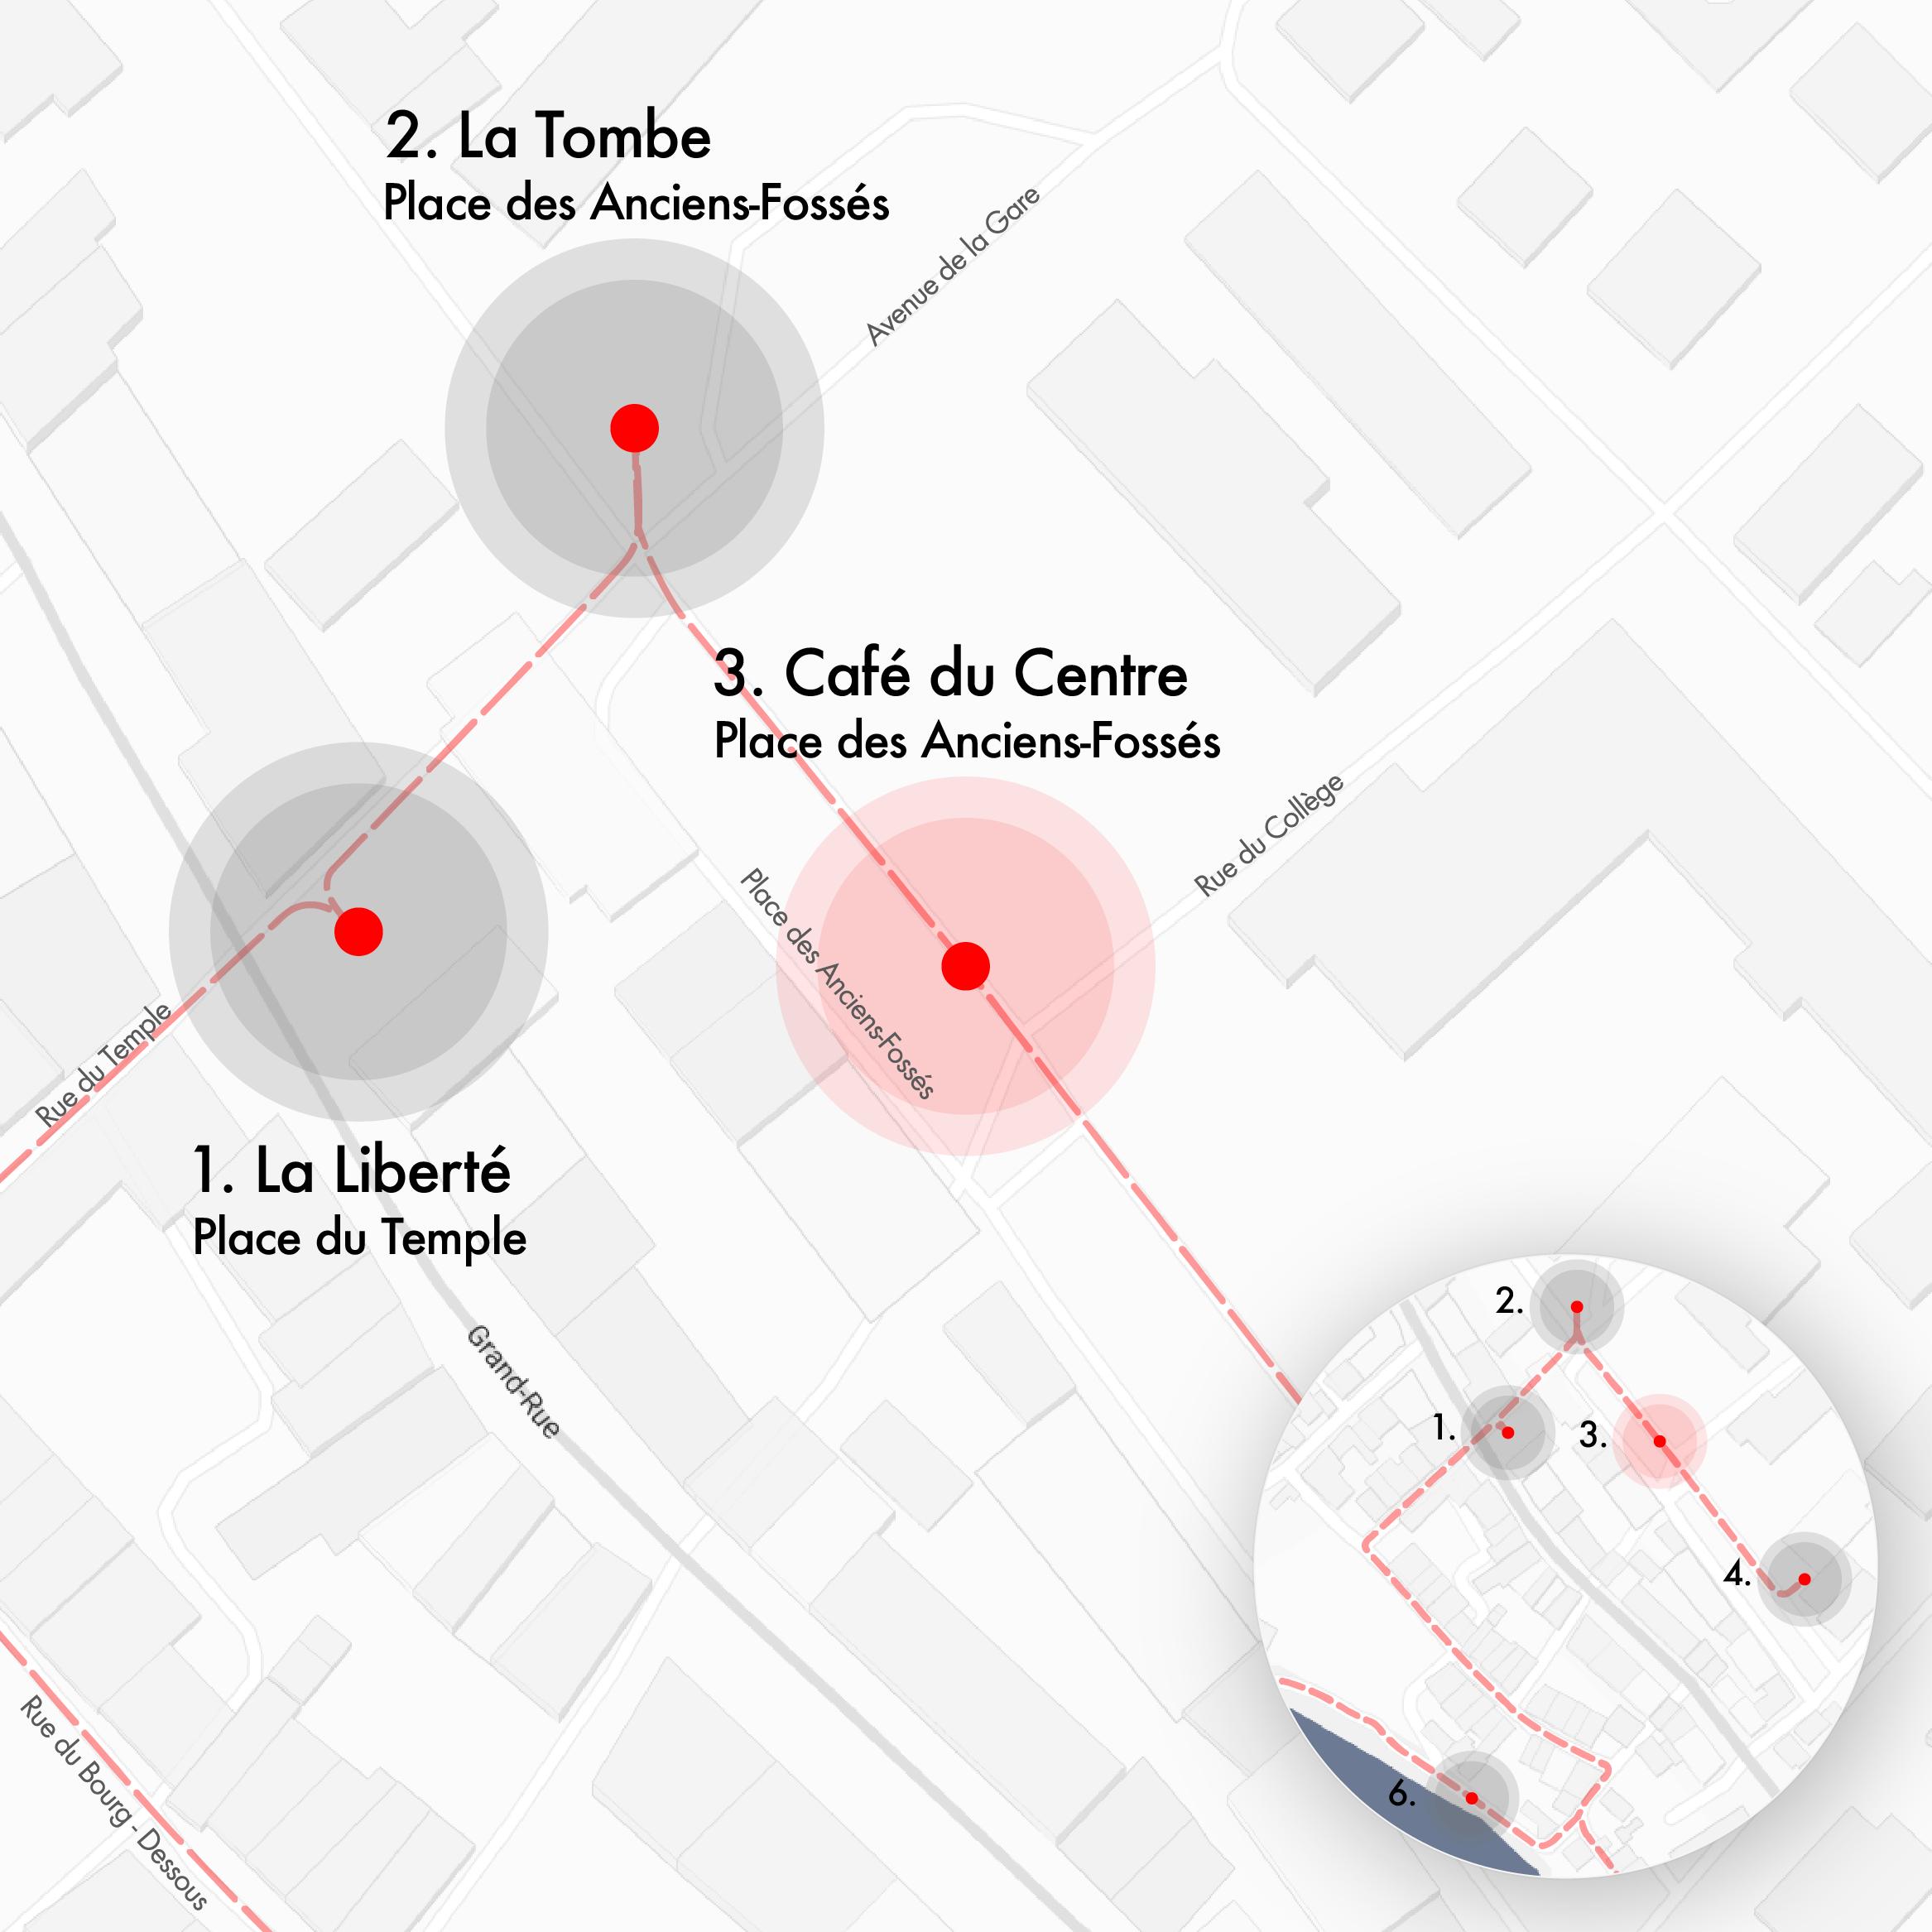 3. Café du Centre